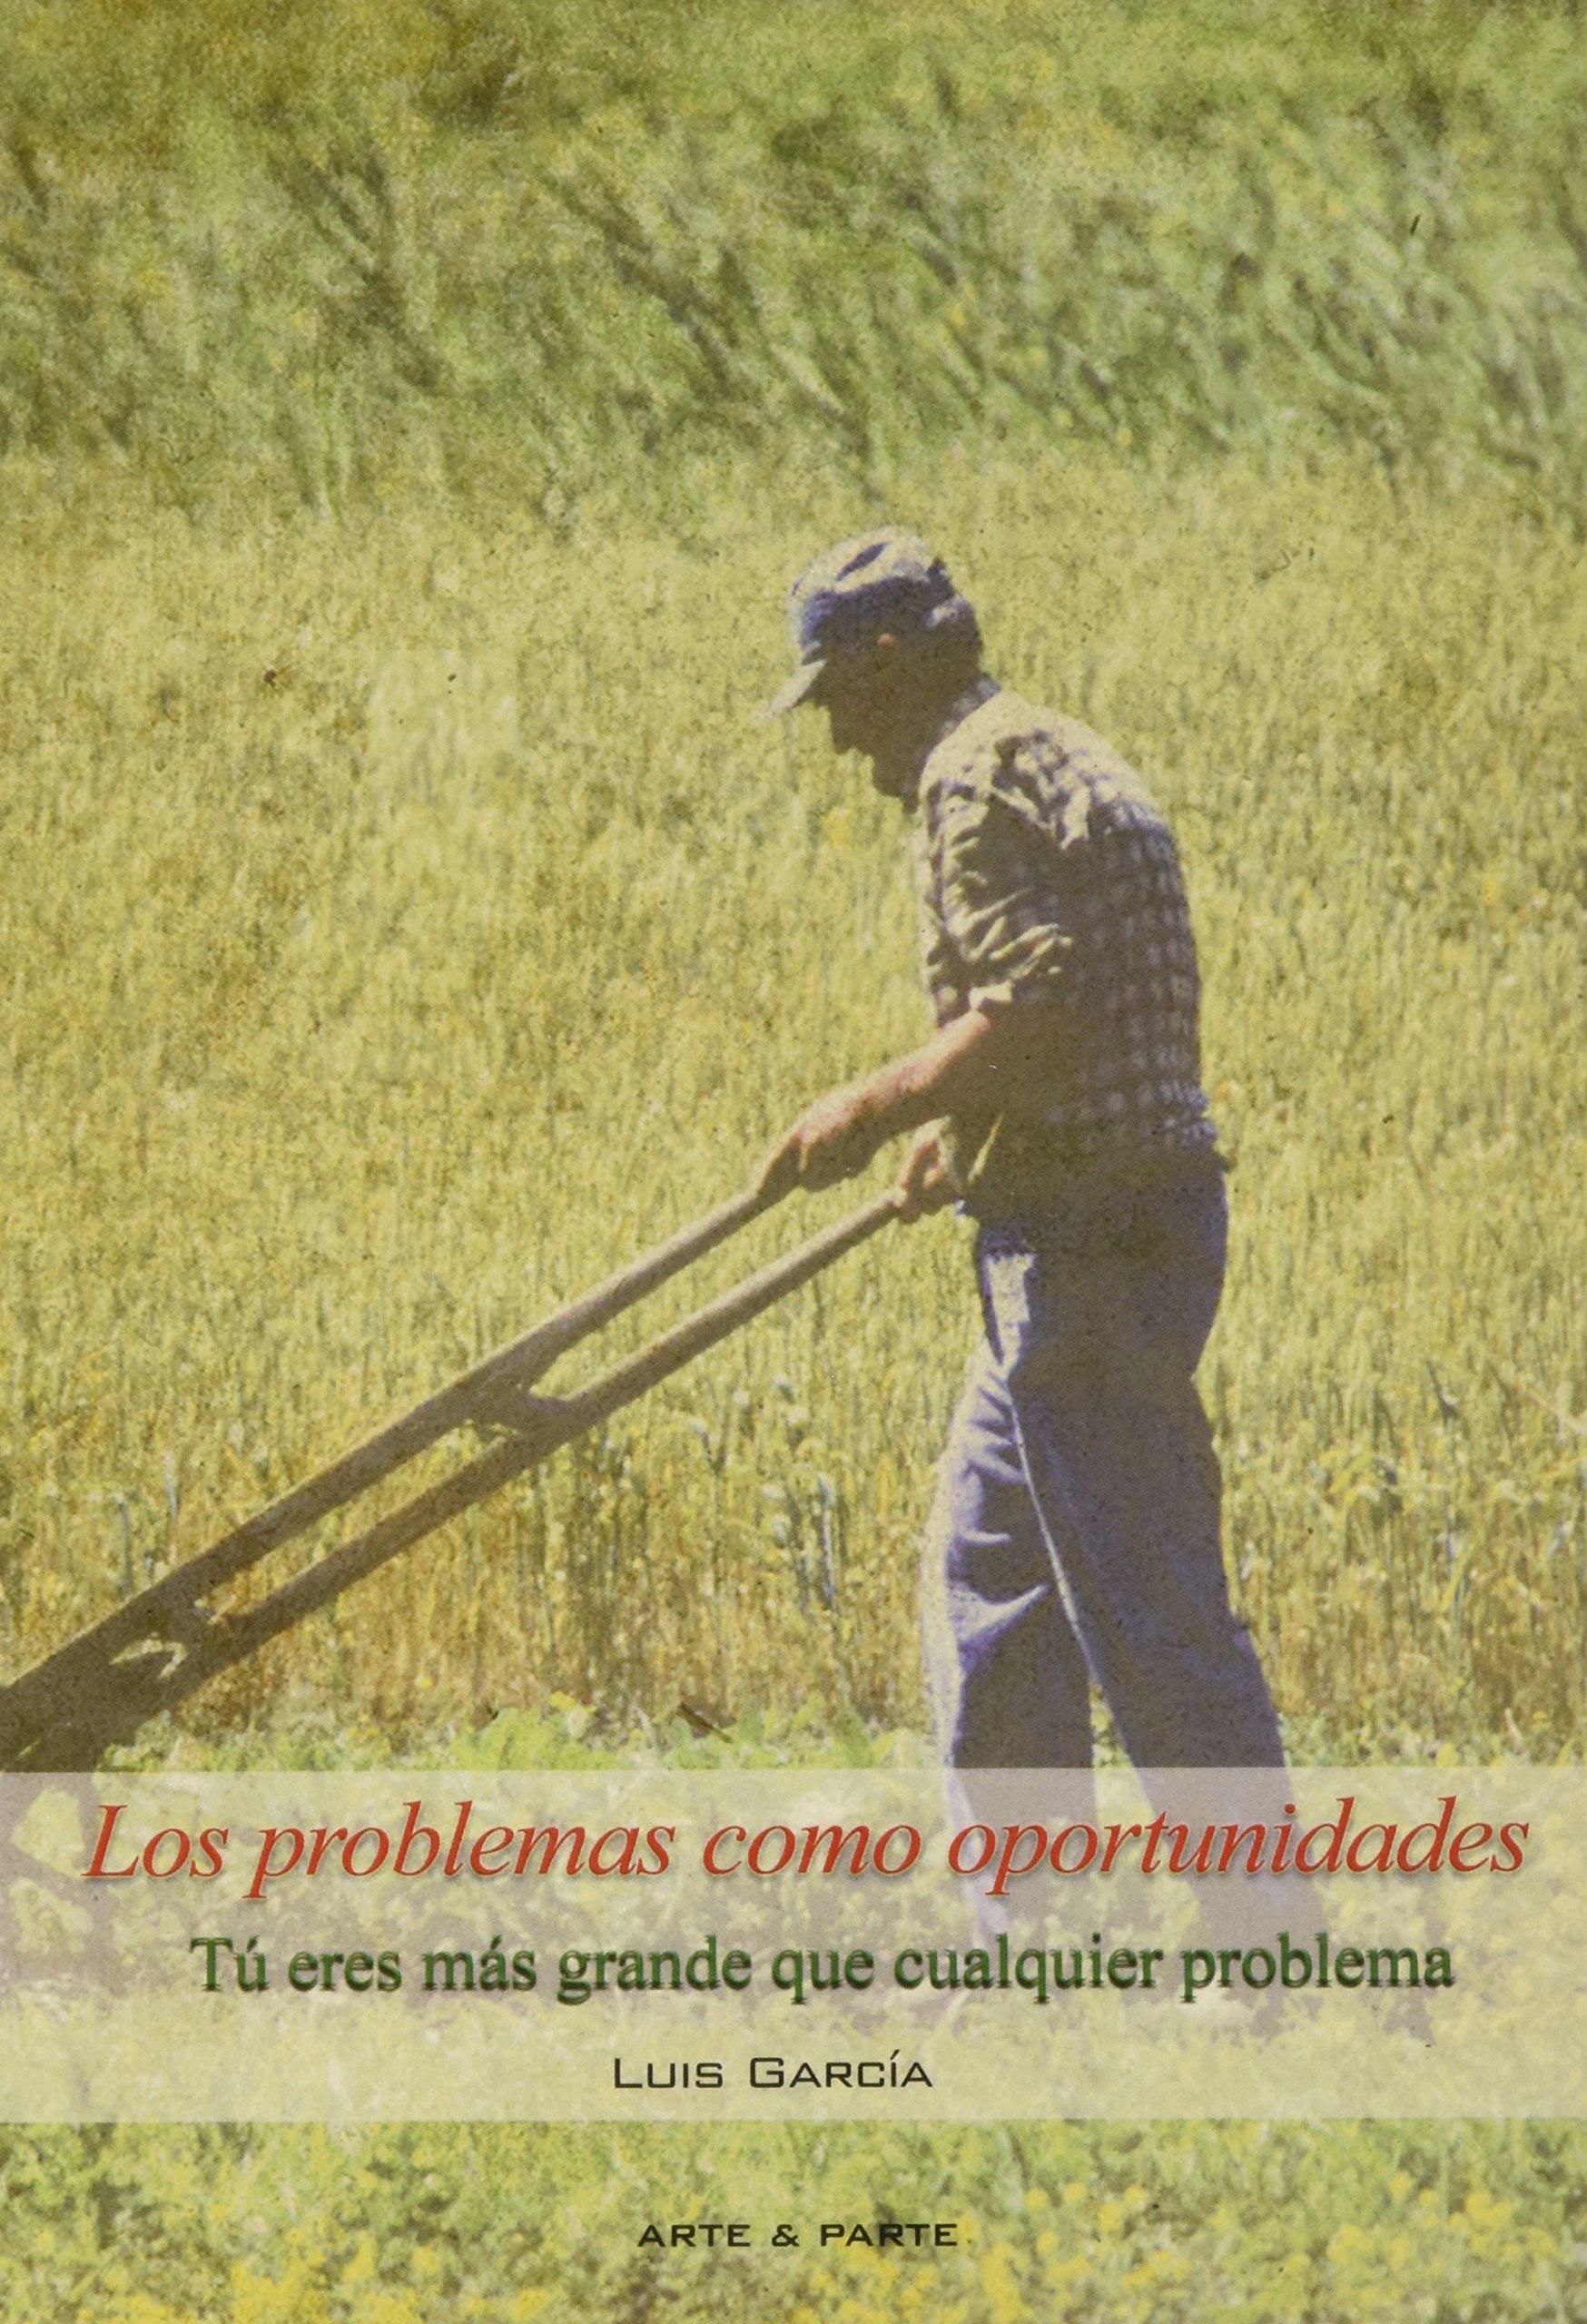 Los problemas como oportunidades (Spanish Edition) (Spanish) Paperback – November 25, 2013